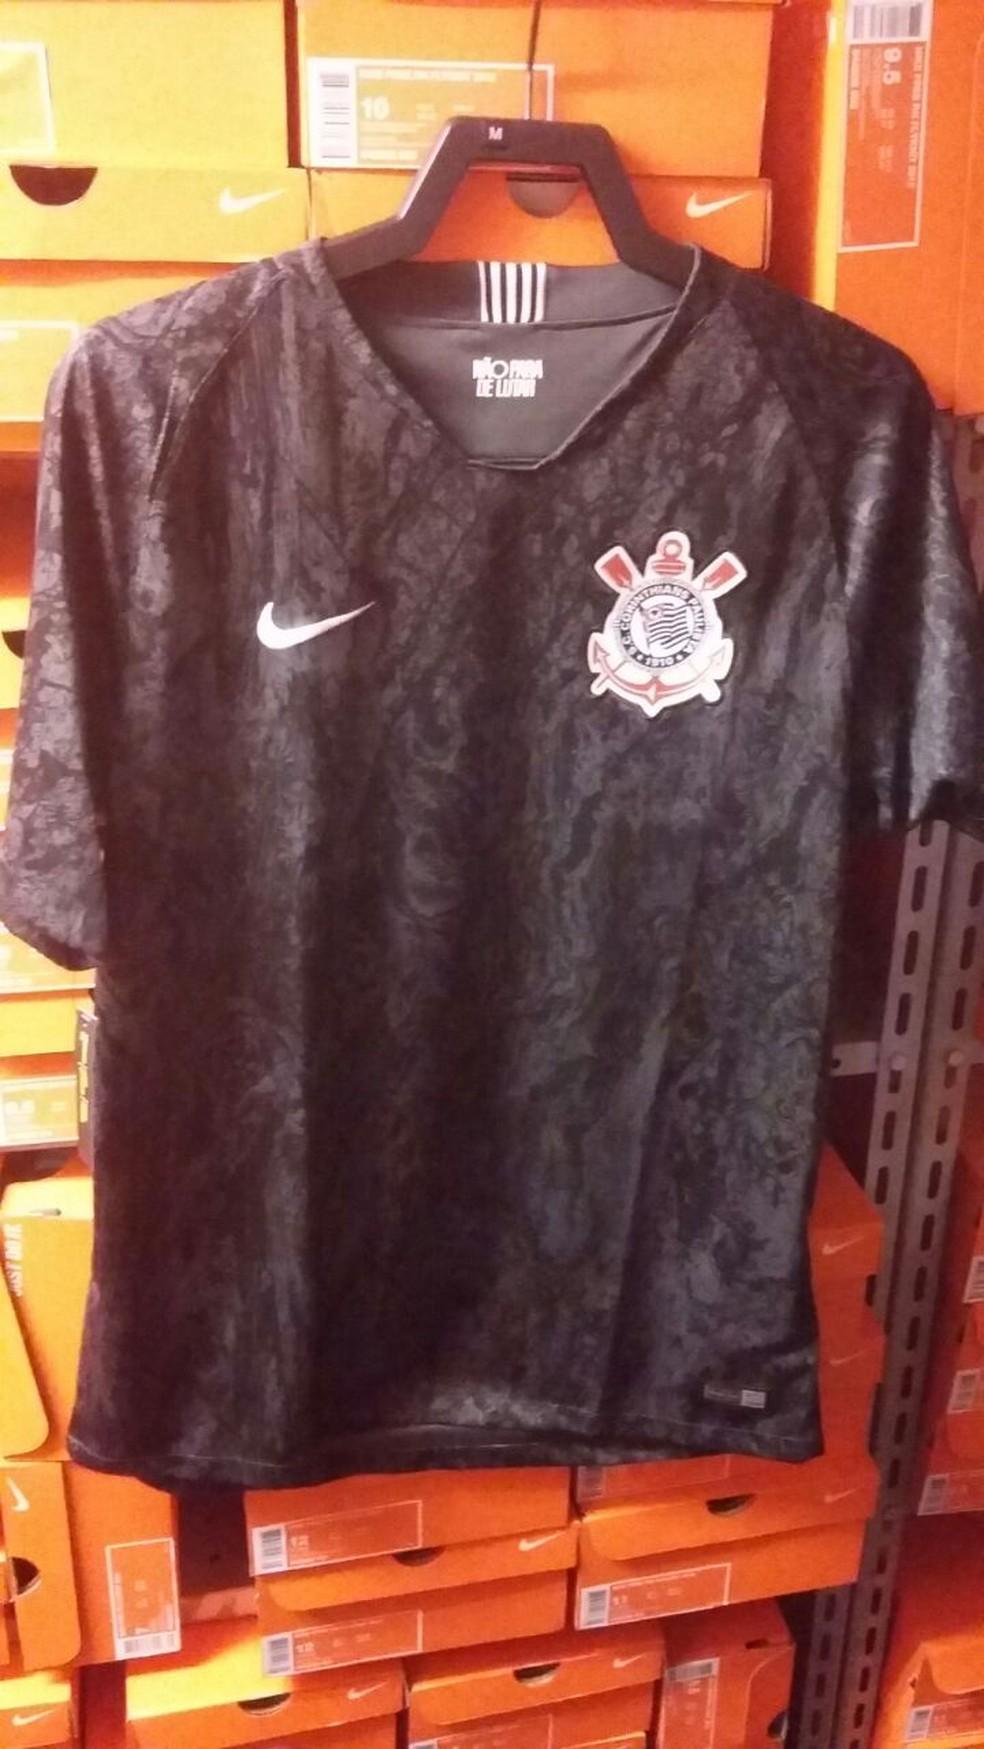 Segunda camisa do Corinthians terá uma espécie de camuflagem (Foto: Reprodução)